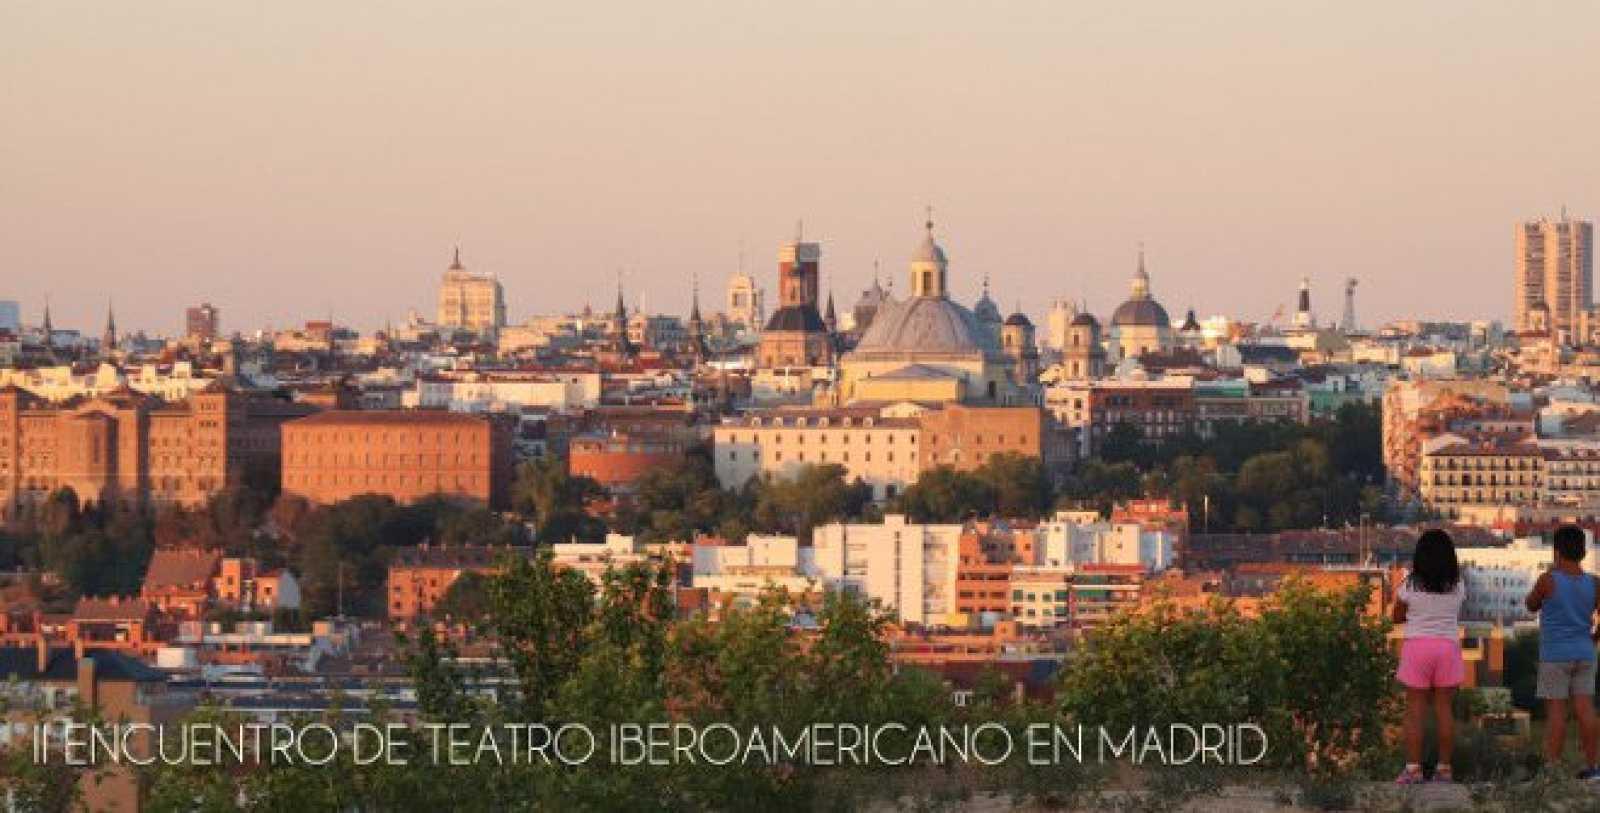 Hora América en Radio 5 - II Encuentro de Teatro Iberoamericano en Madrid. Circular 2020 - 15/10/20 - Escuchar ahora